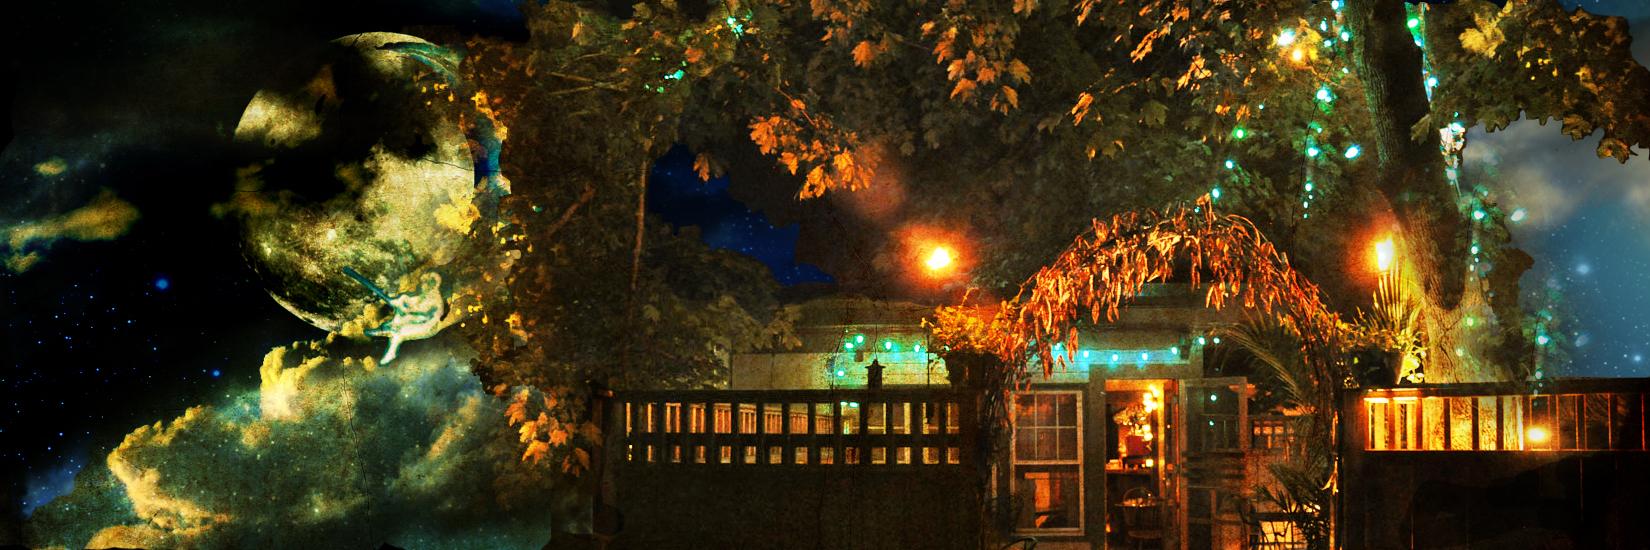 Treehouse Cafe Menu Portland Maine